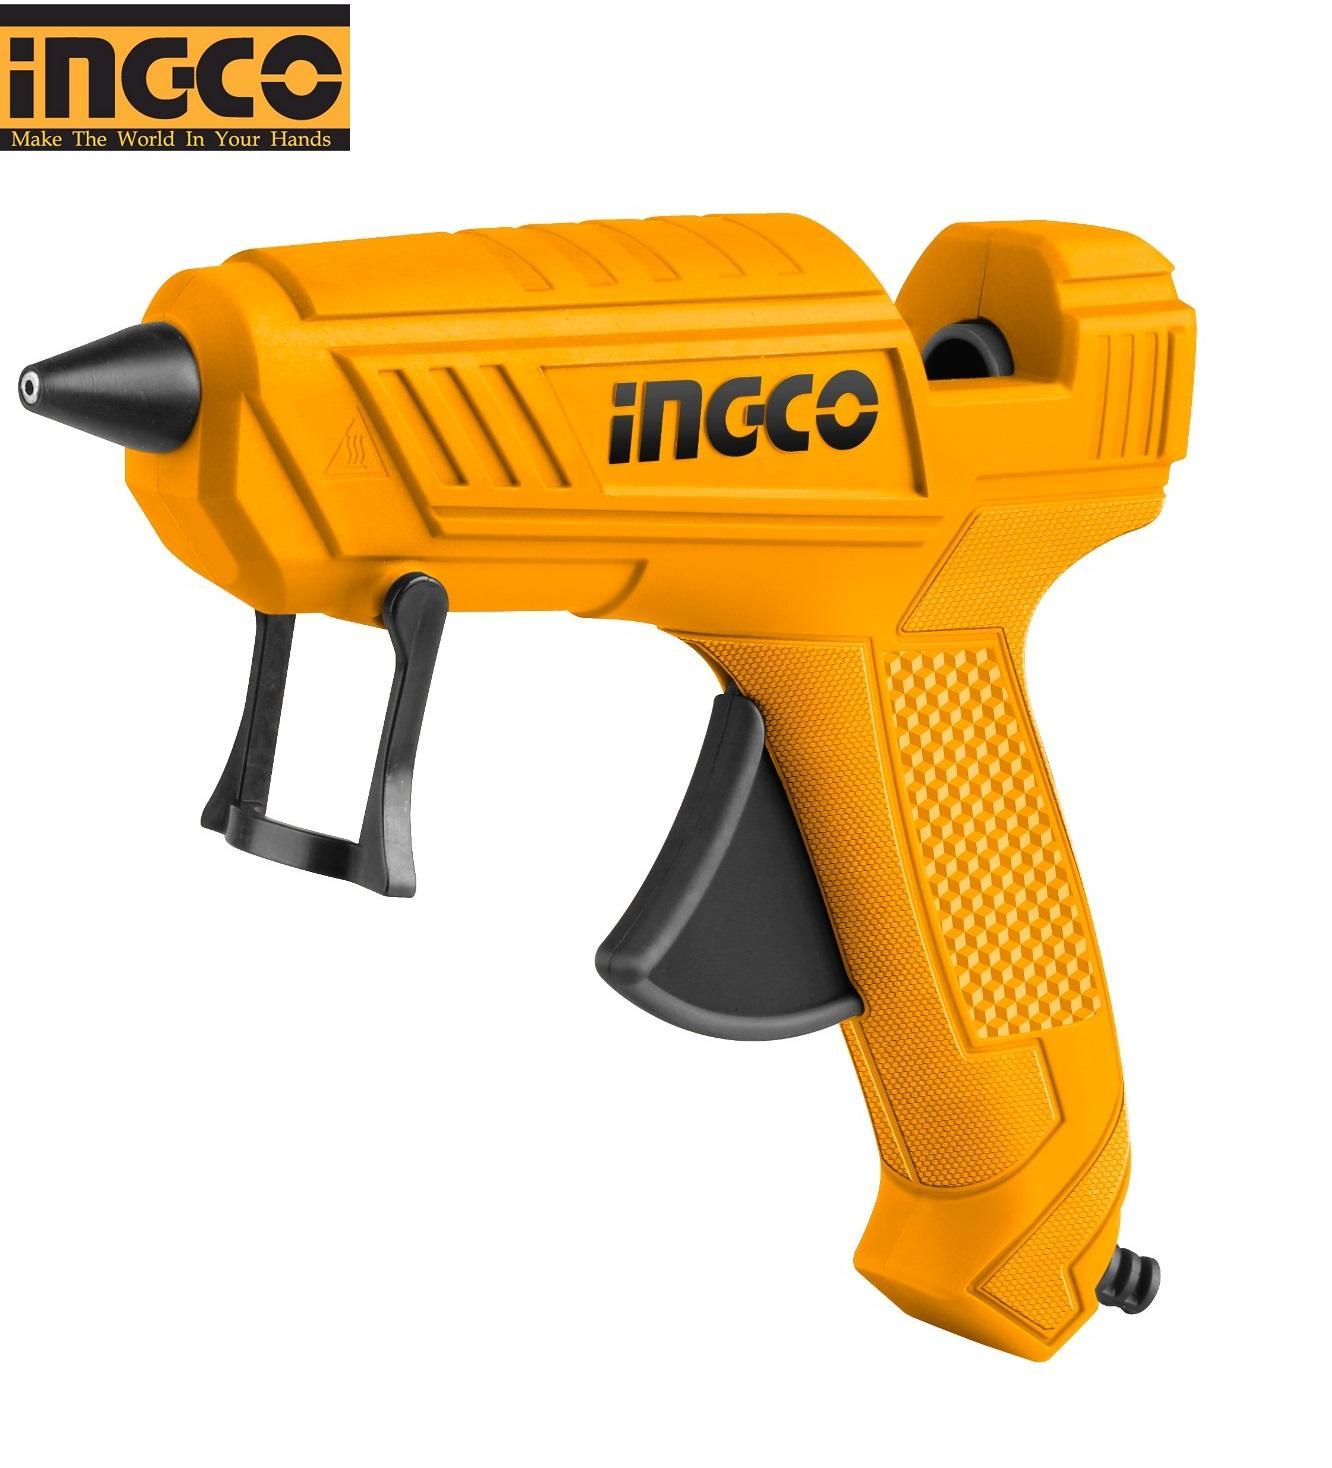 100W Dụng cụ bơm keo hiệu Ingco - GG148